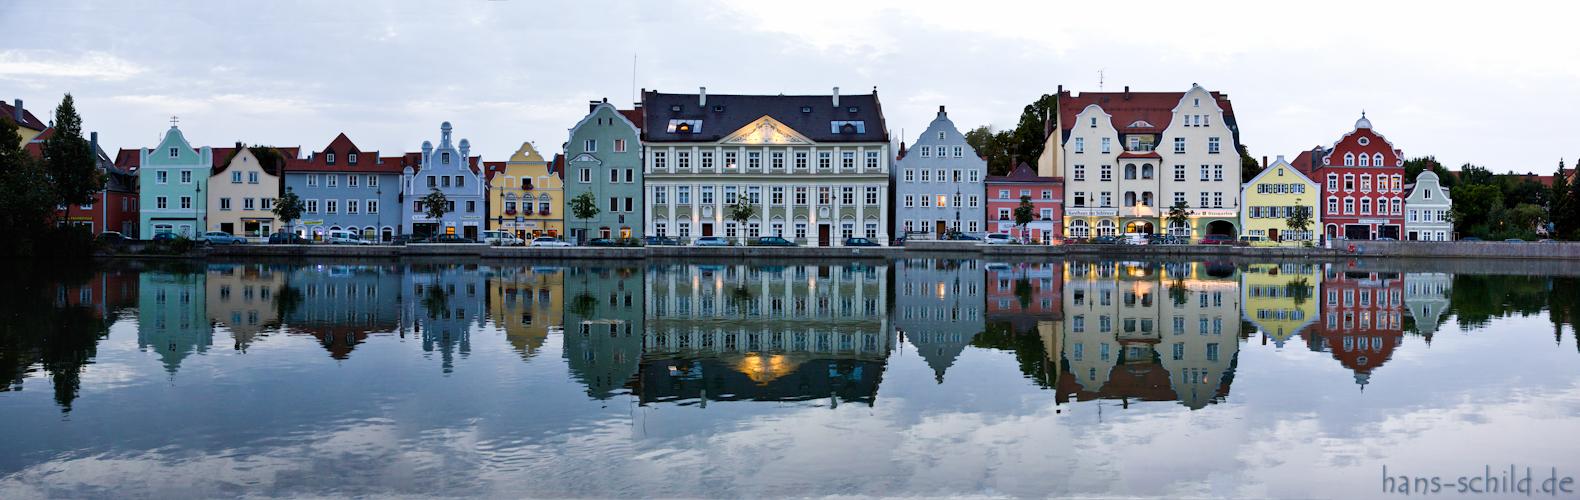 Blaue Stunde am Isargestade in Landshut